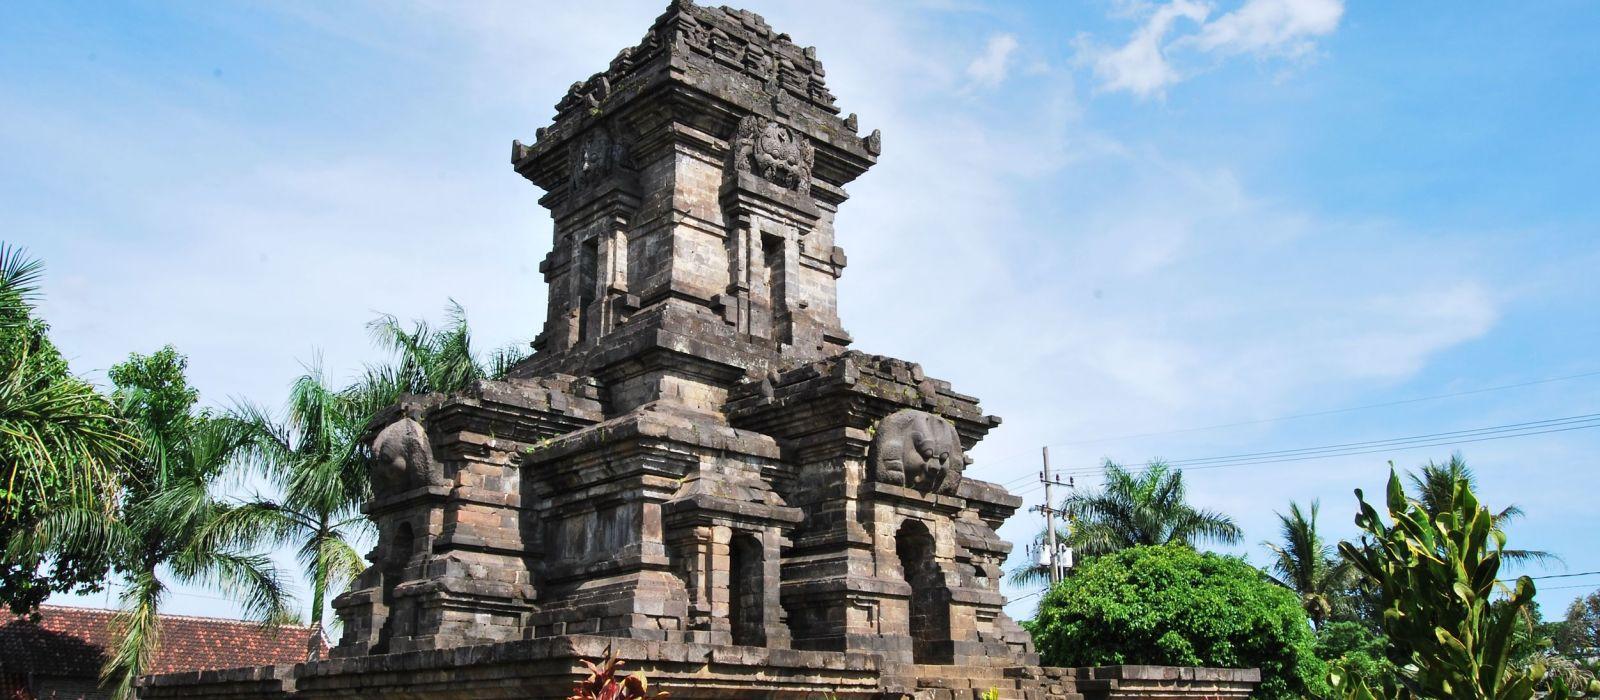 Abenteuer und Natur: Java und Bali Urlaub 3